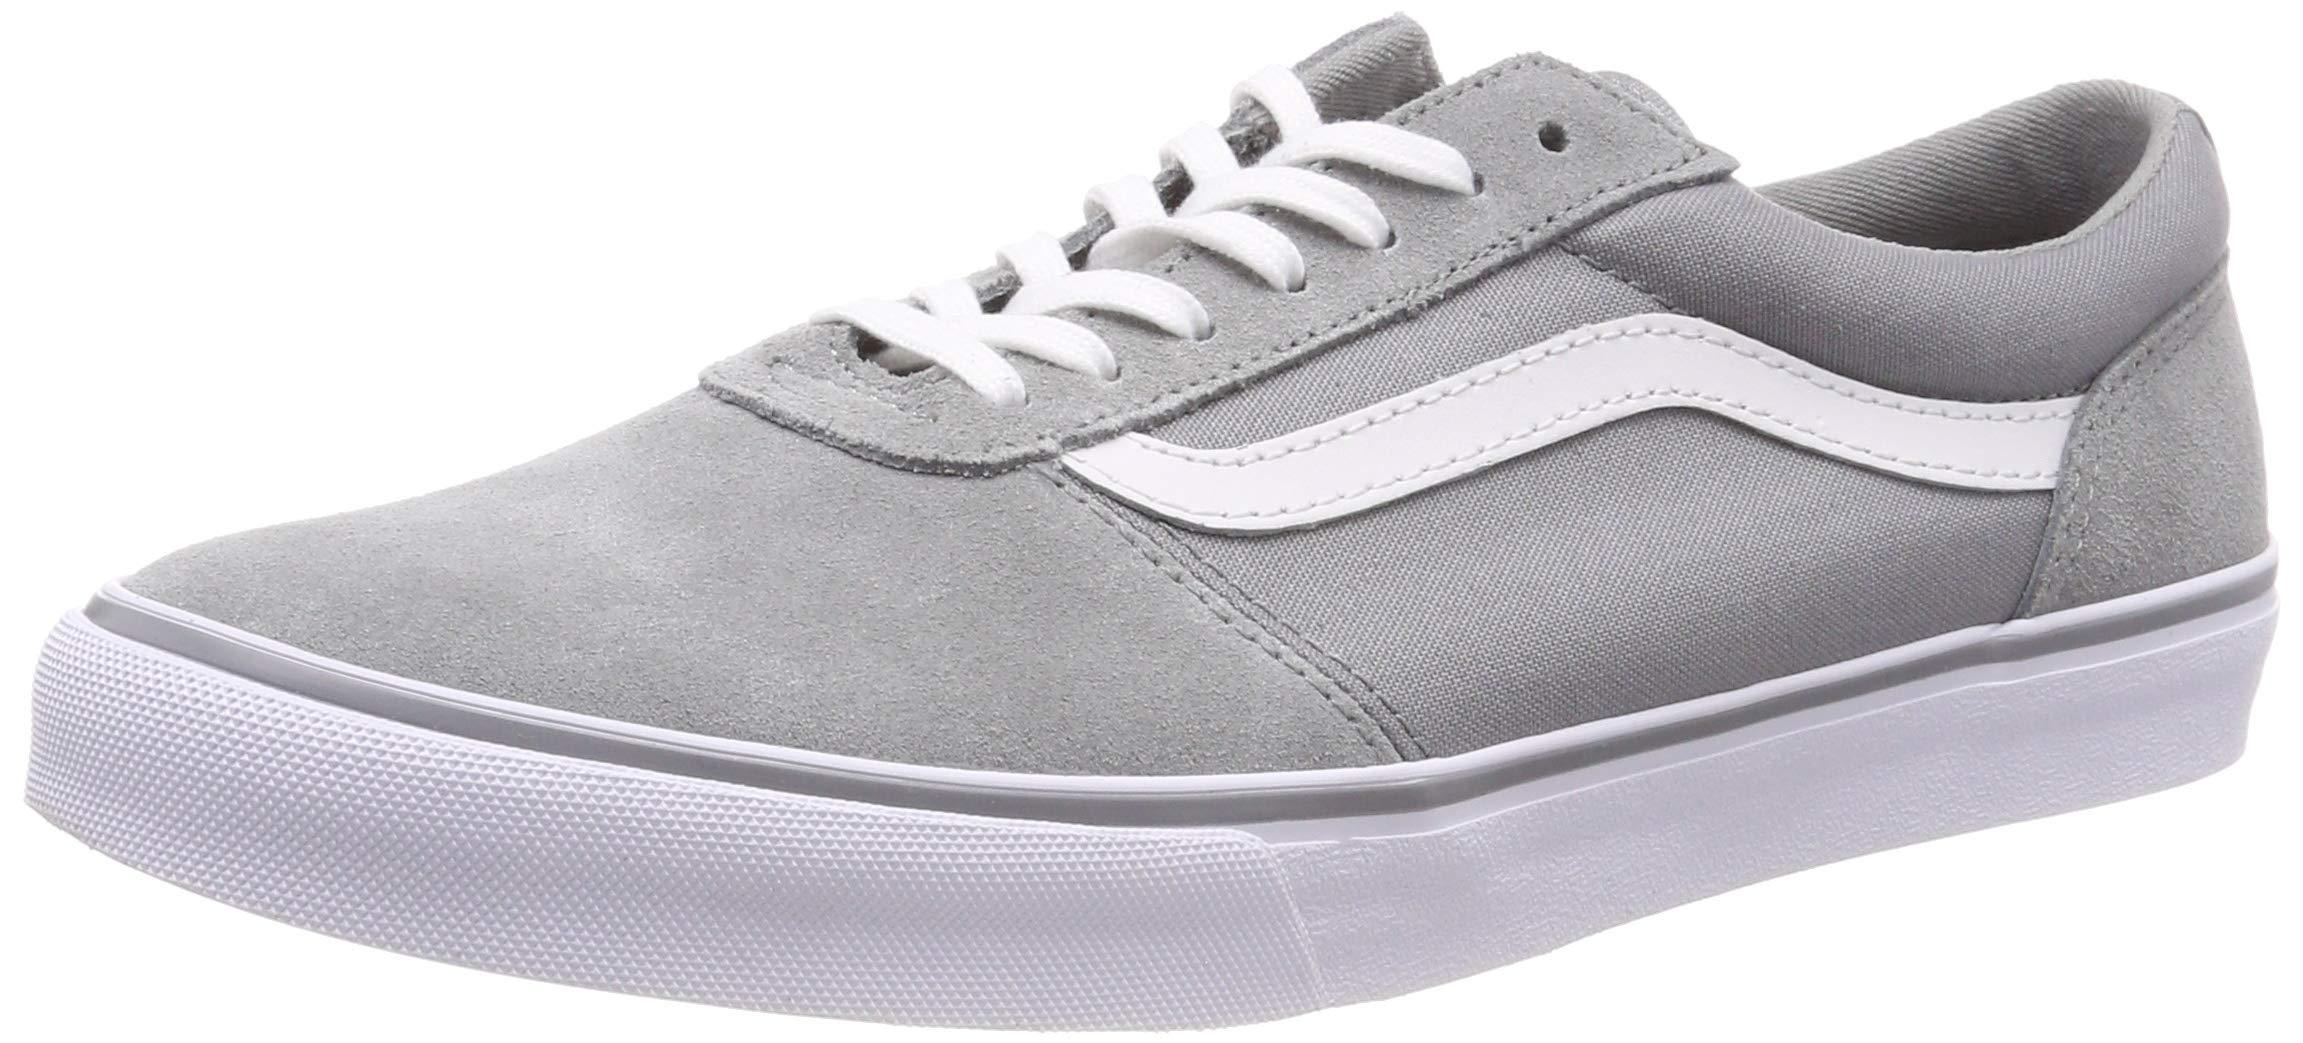 """Vans Women''s Maddie Suede/Canvas Low-Top Sneakers - 713F KXYG4L - Vans Women""""s Maddie Suede/Canvas Low-Top Sneakers"""